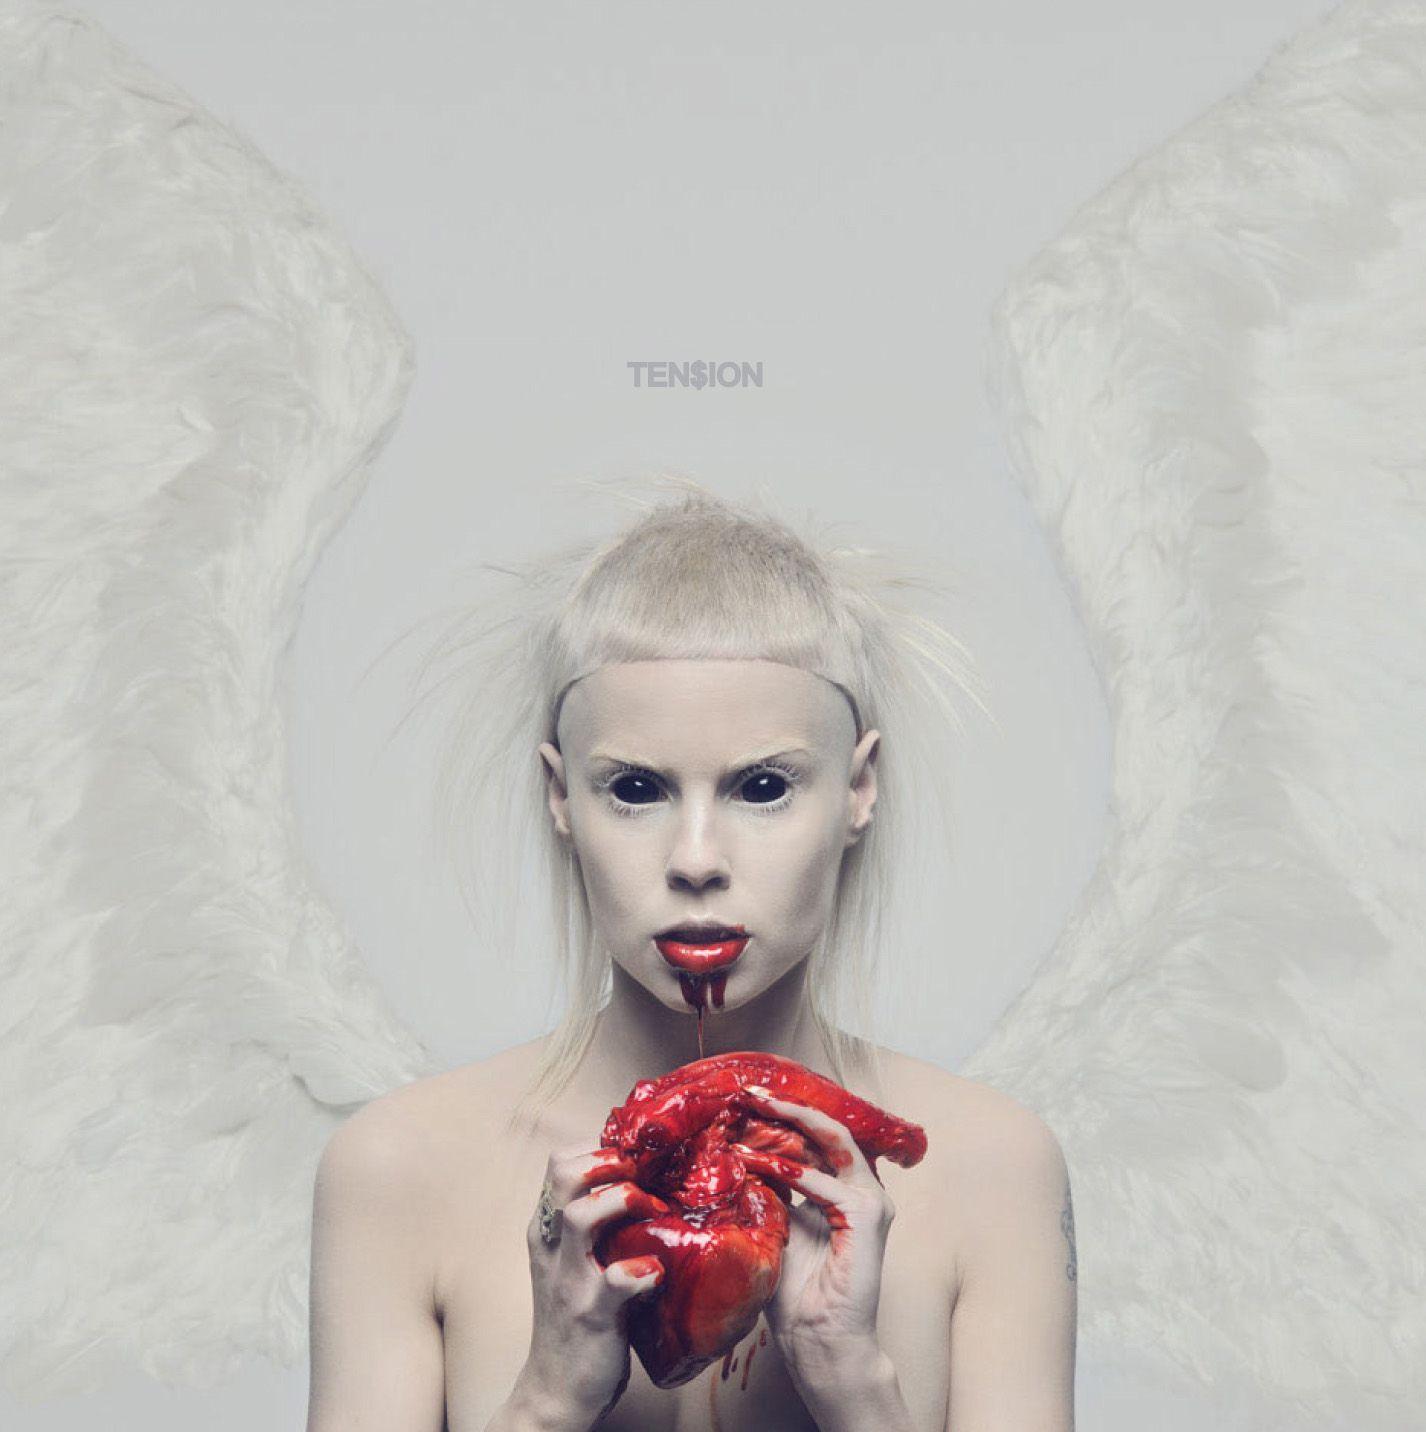 Die Antwoord Tension In 2020 Die Antwoord Album Covers Yolandi Visser